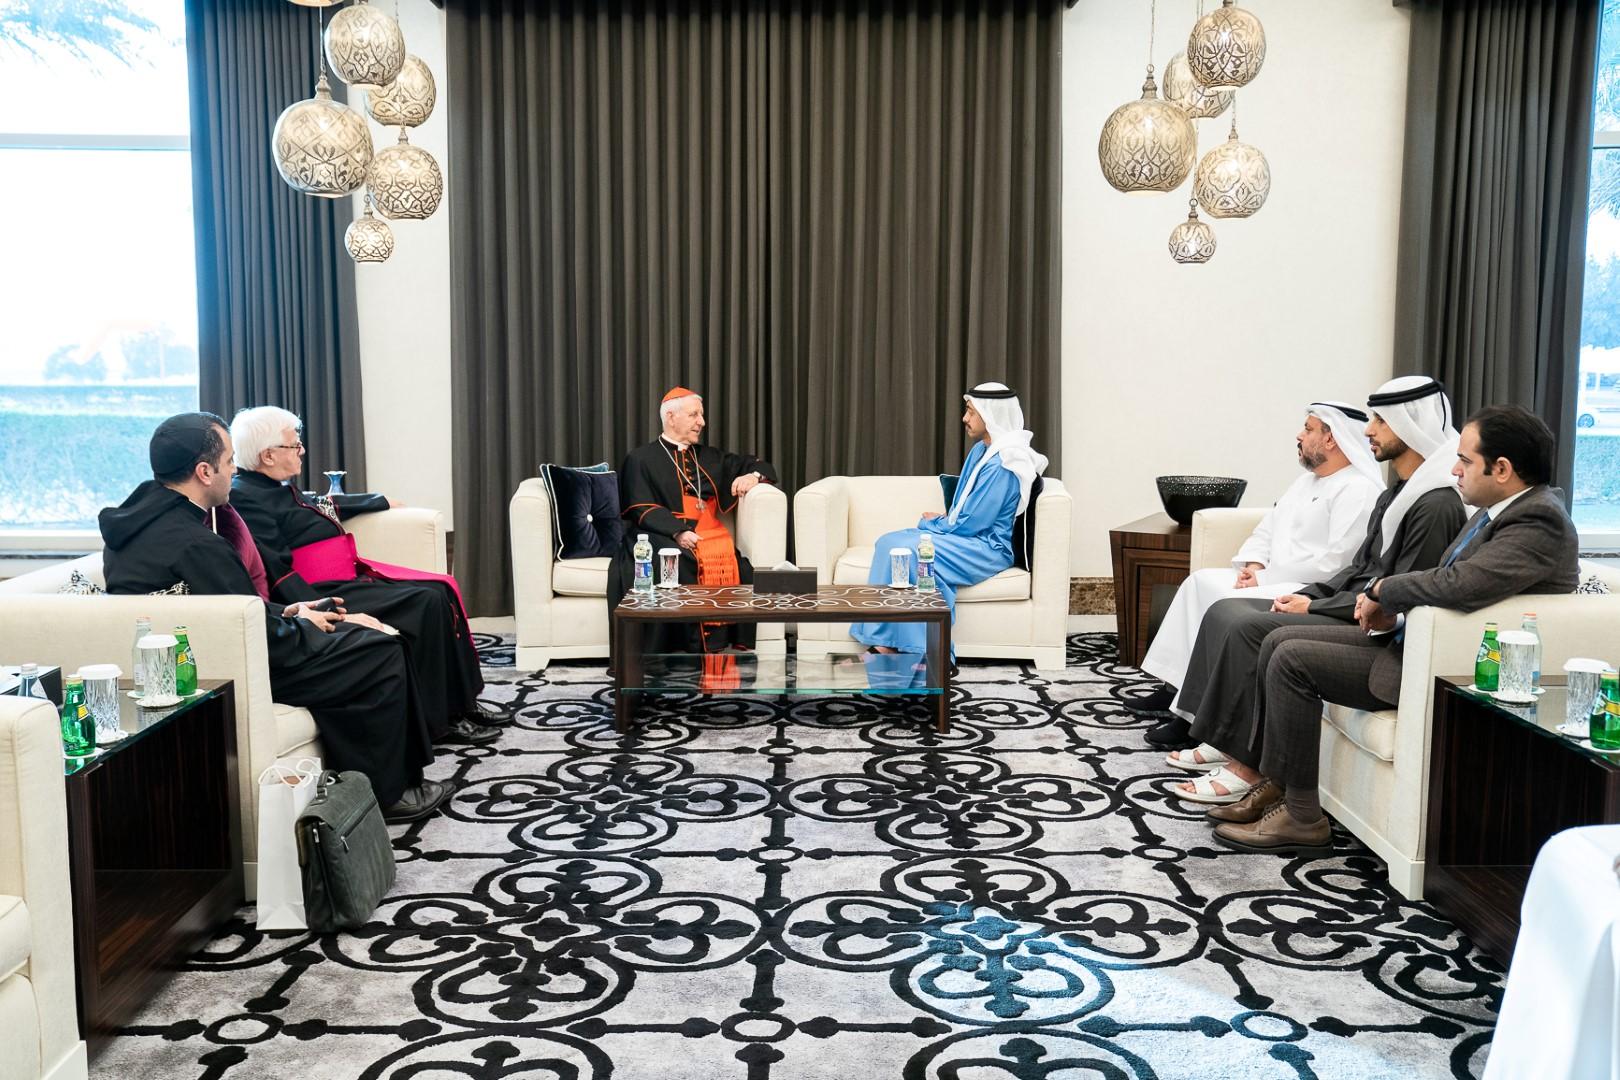 عبدالله بن زايد يستقبل عميد مجمع التربية الكاثوليكية رئيس مؤسسة جرافيزيميوم للتعليم